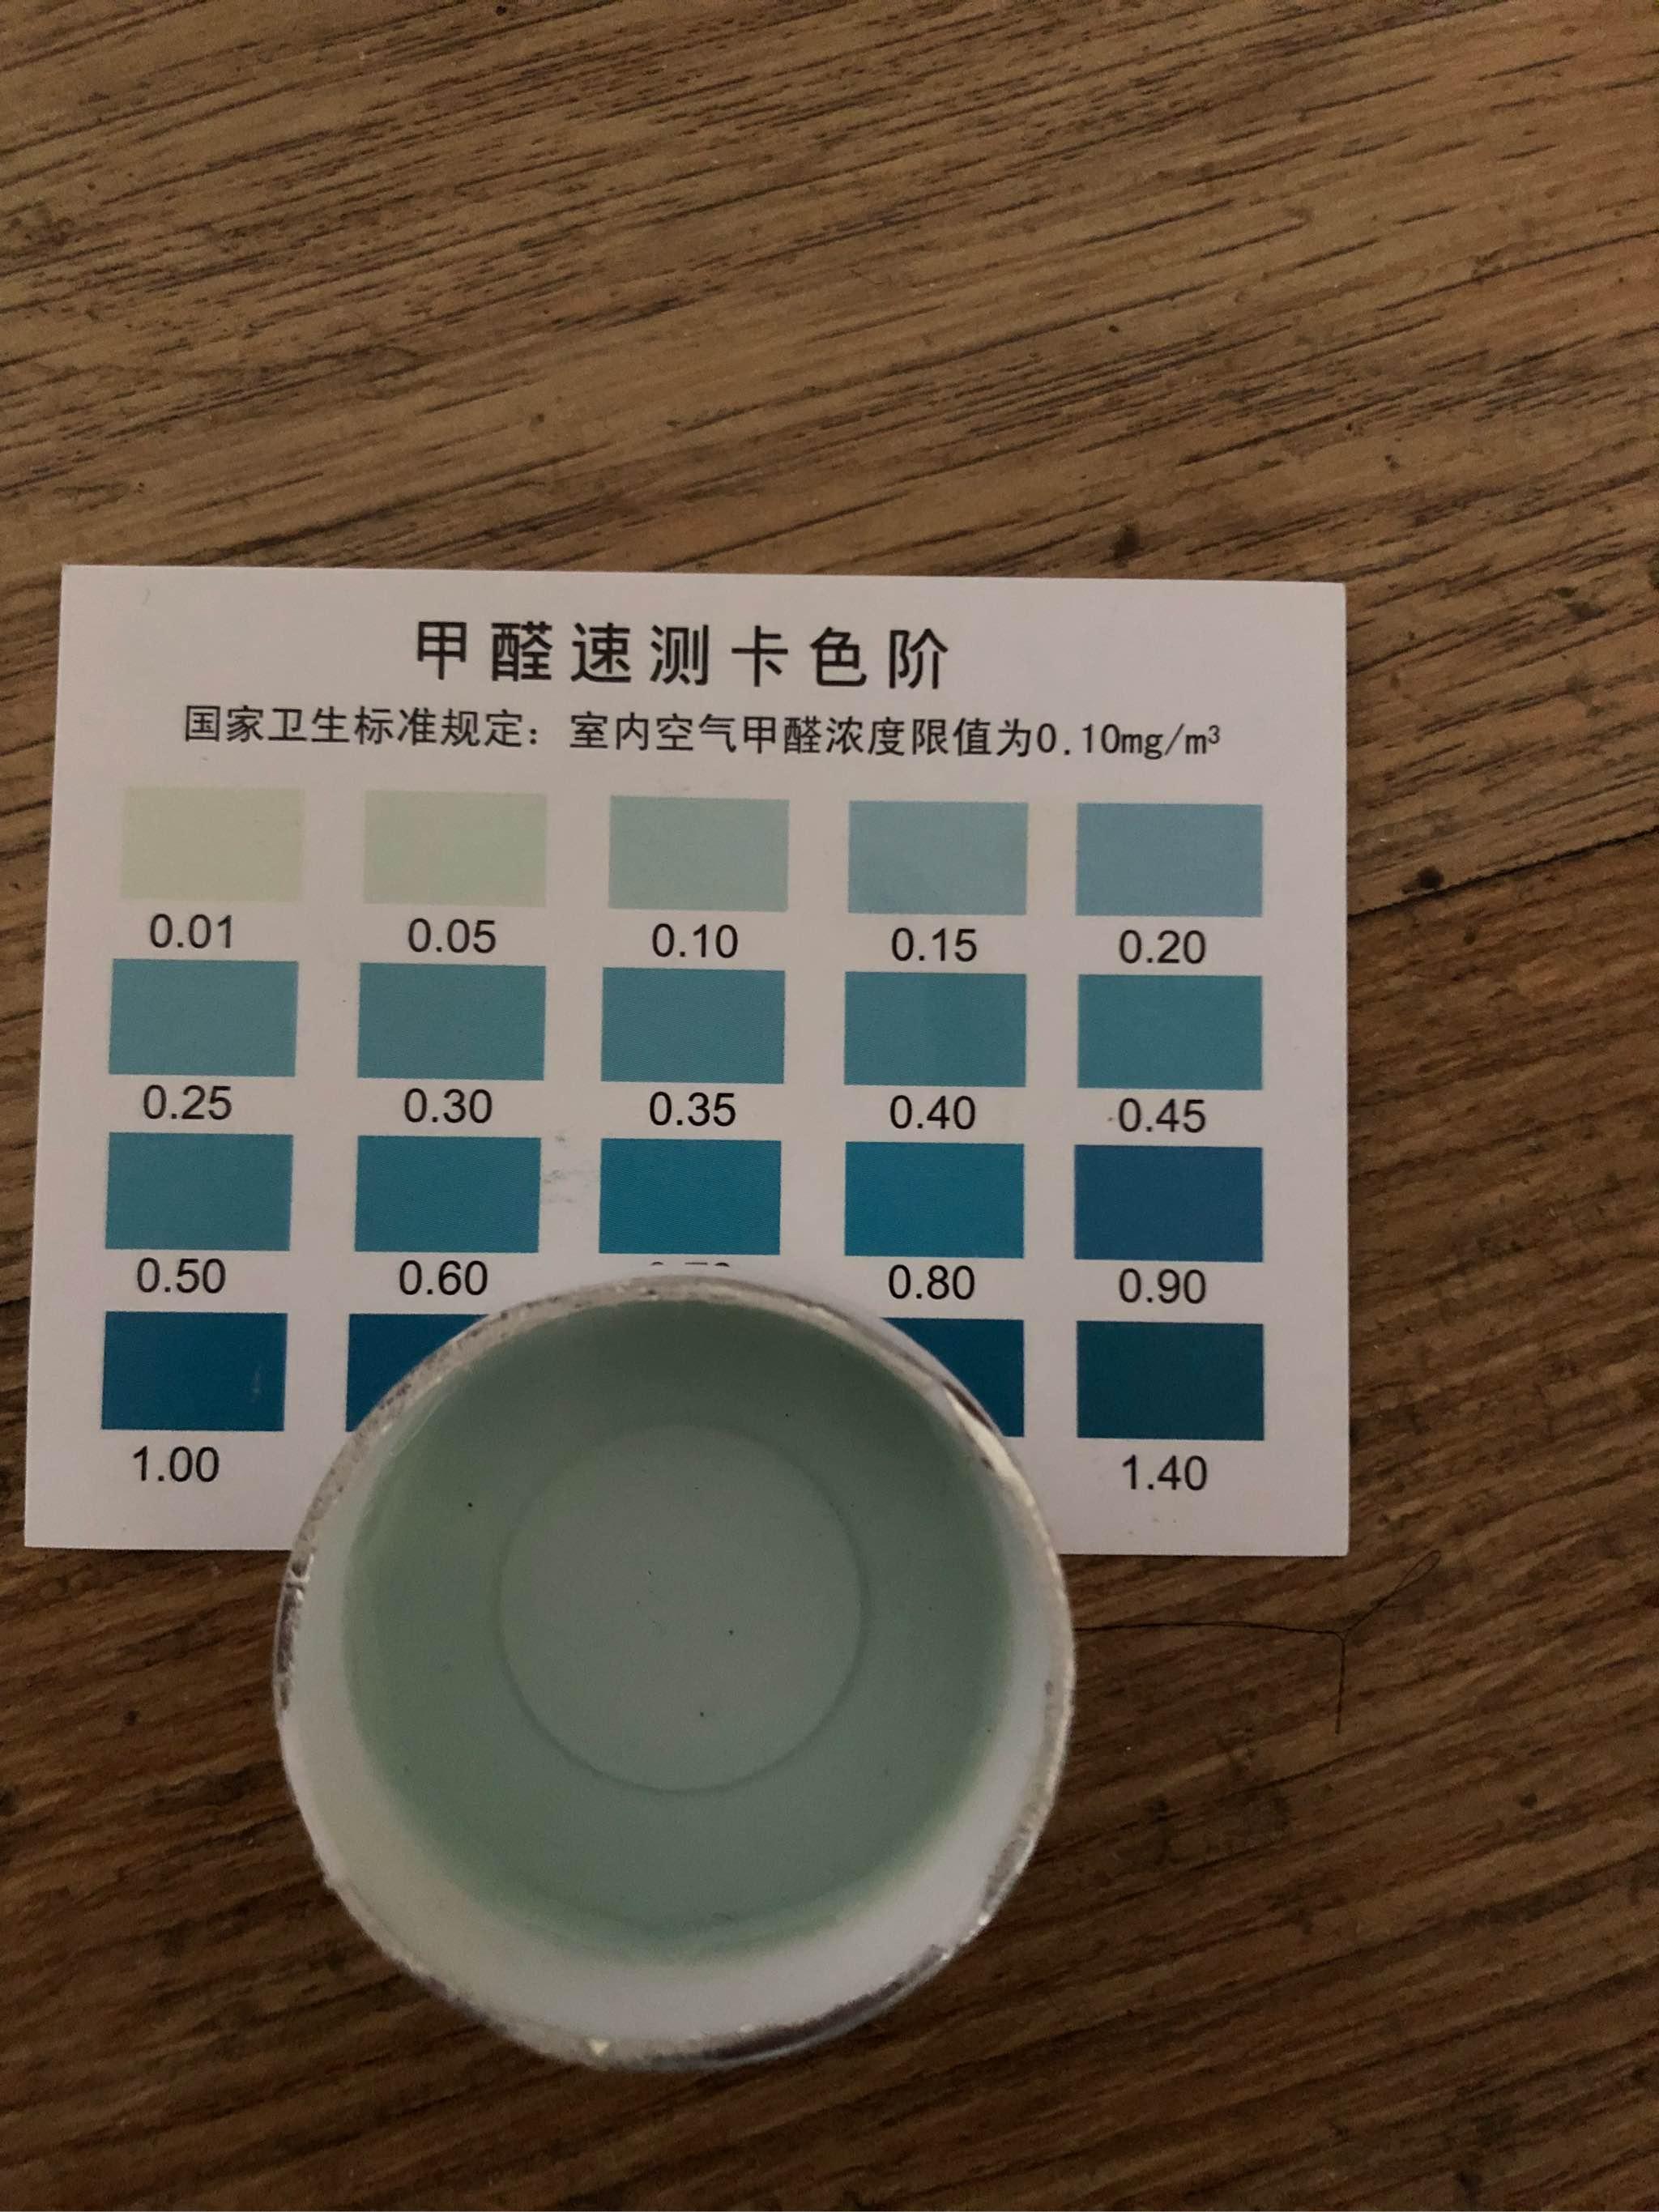 生物酶甲醛清除剂使用前后甲醛浓度对比